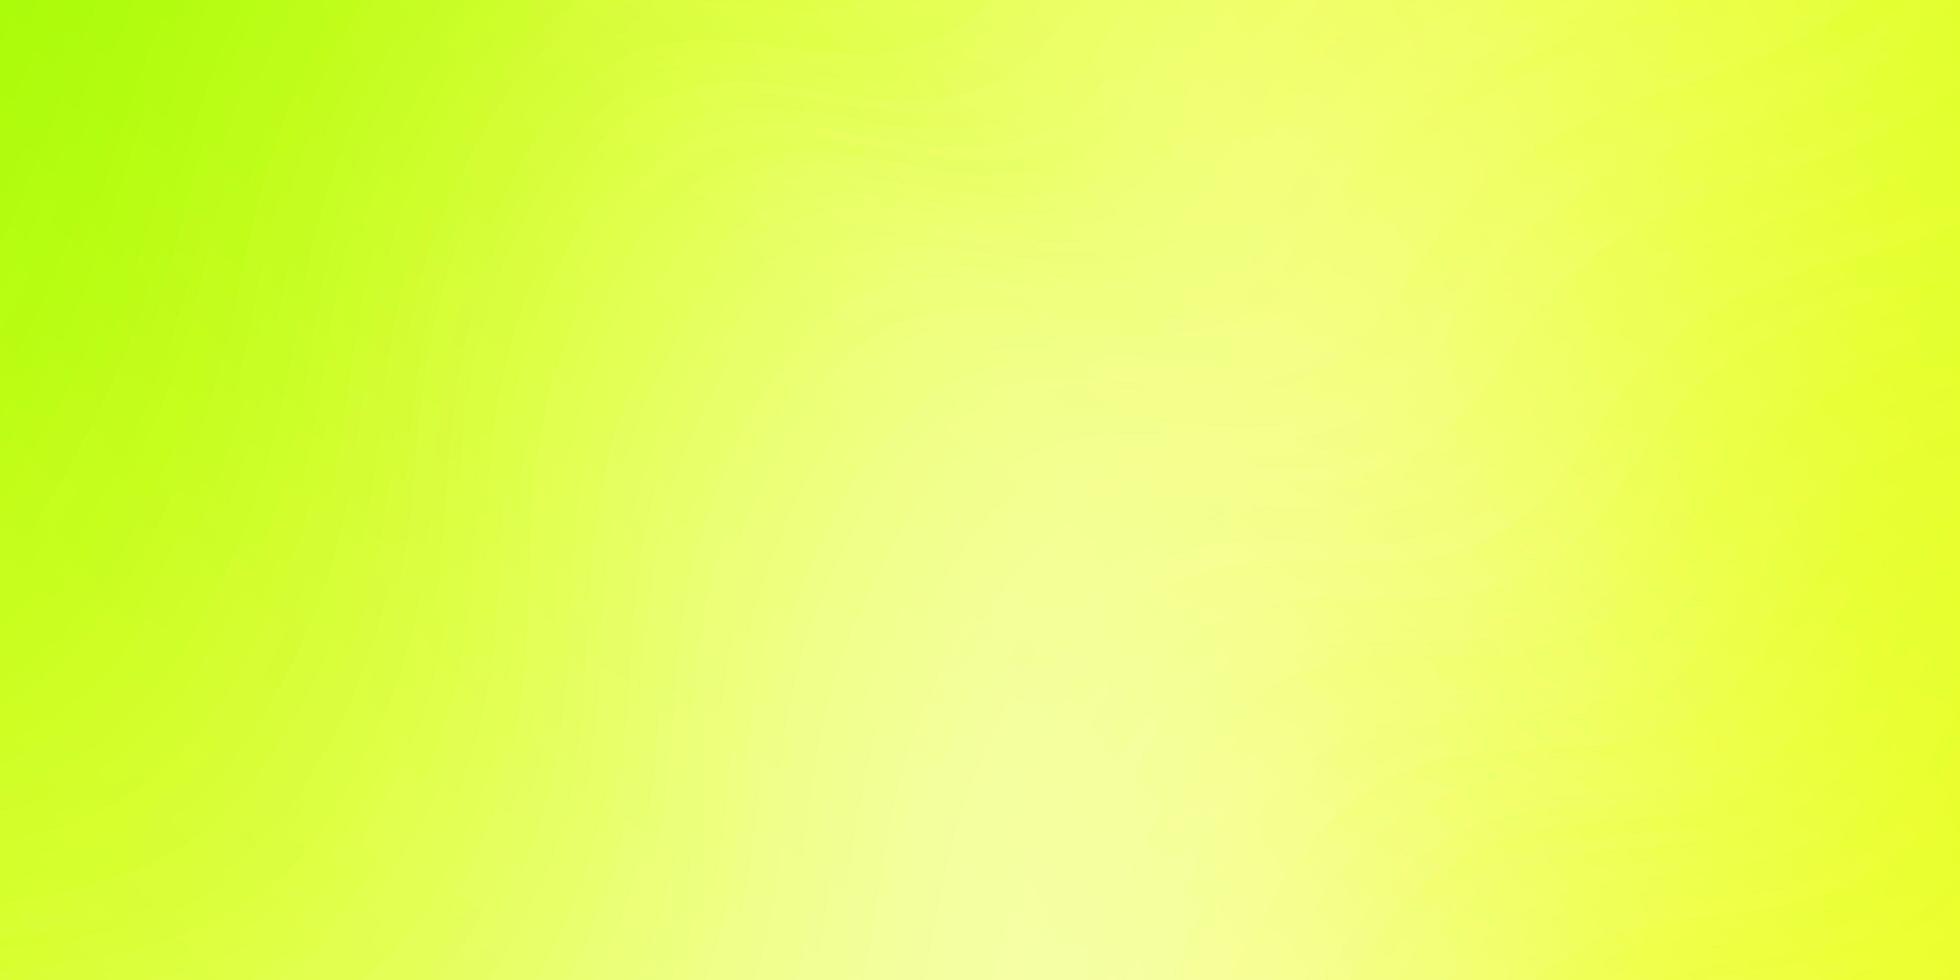 modelo de vetor verde e amarelo claro com linhas curvas.